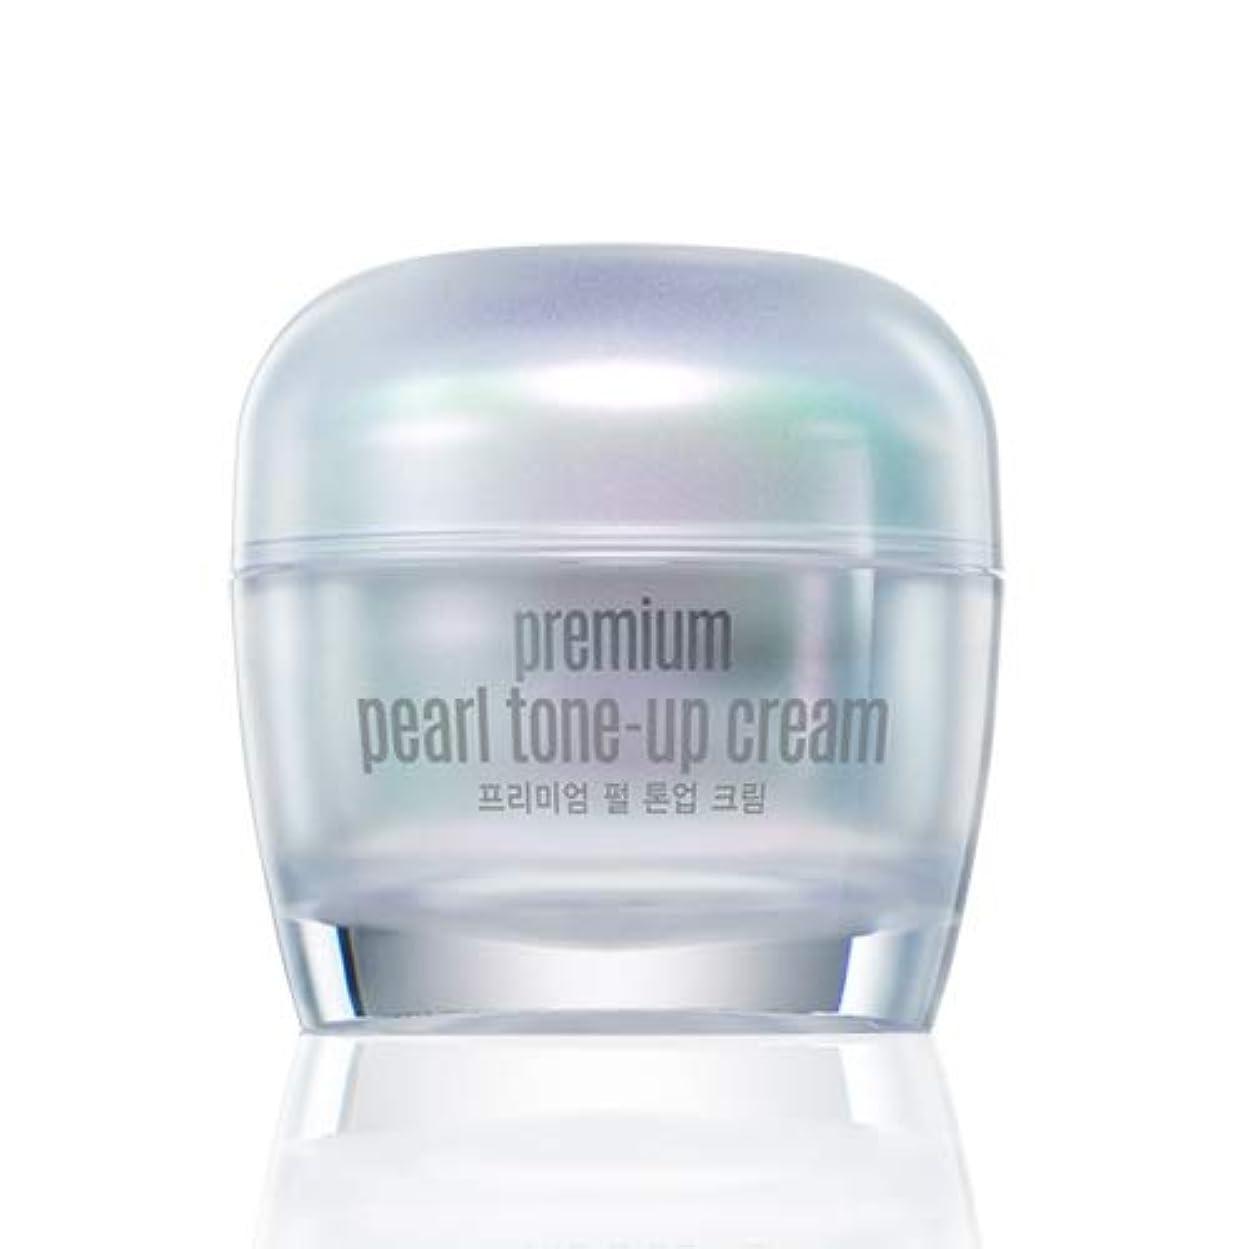 メンター衛星聖人グーダル プレミアム パール トーンアップ クリーム50ml Goodal Premium Pearl Tone-up Cream [並行輸入品]